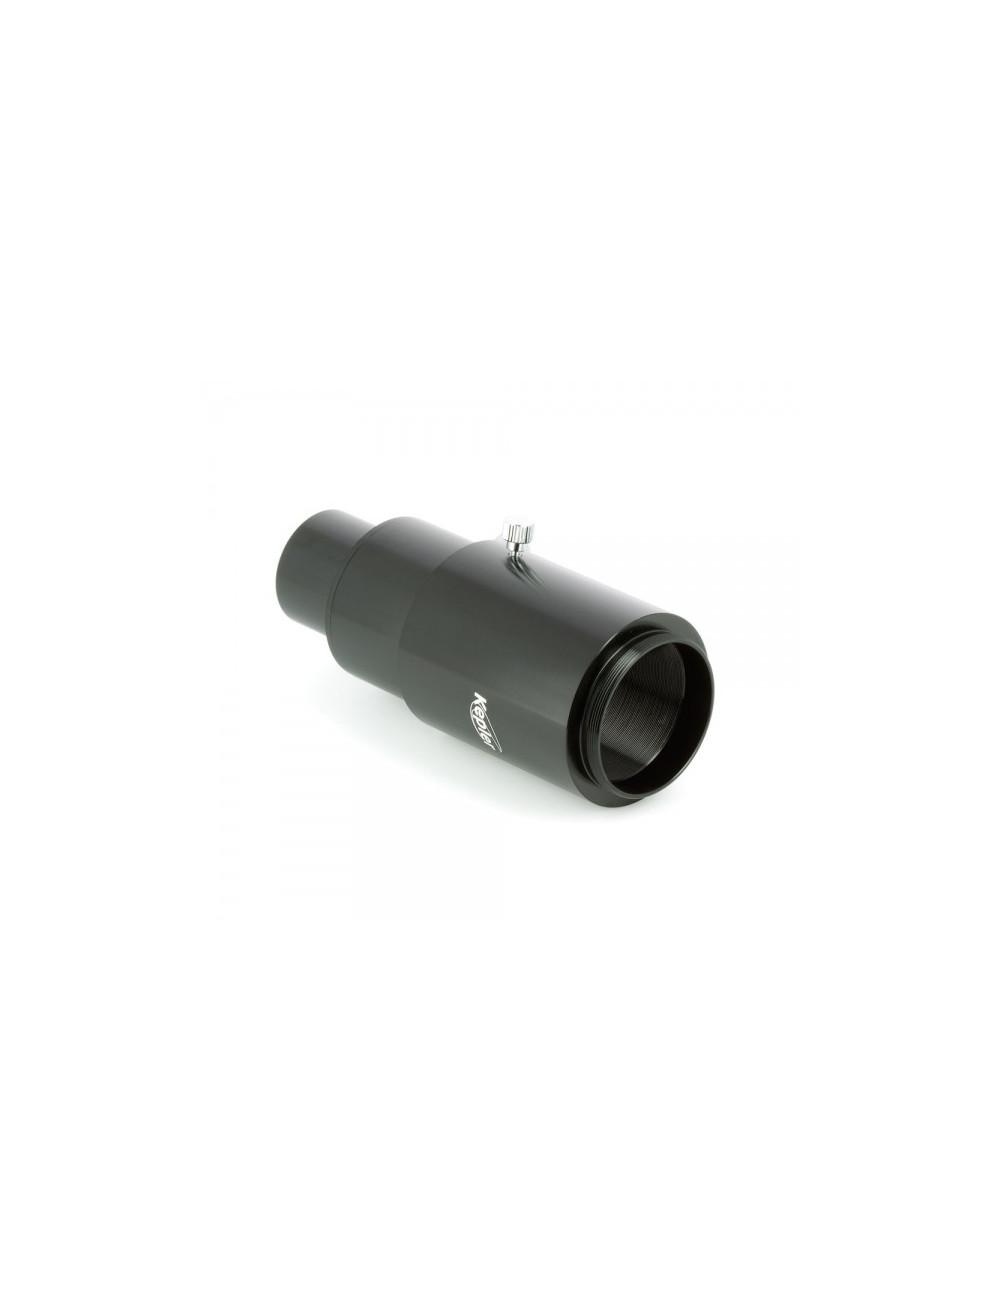 Adaptateur à tirage variable 31,75 mm